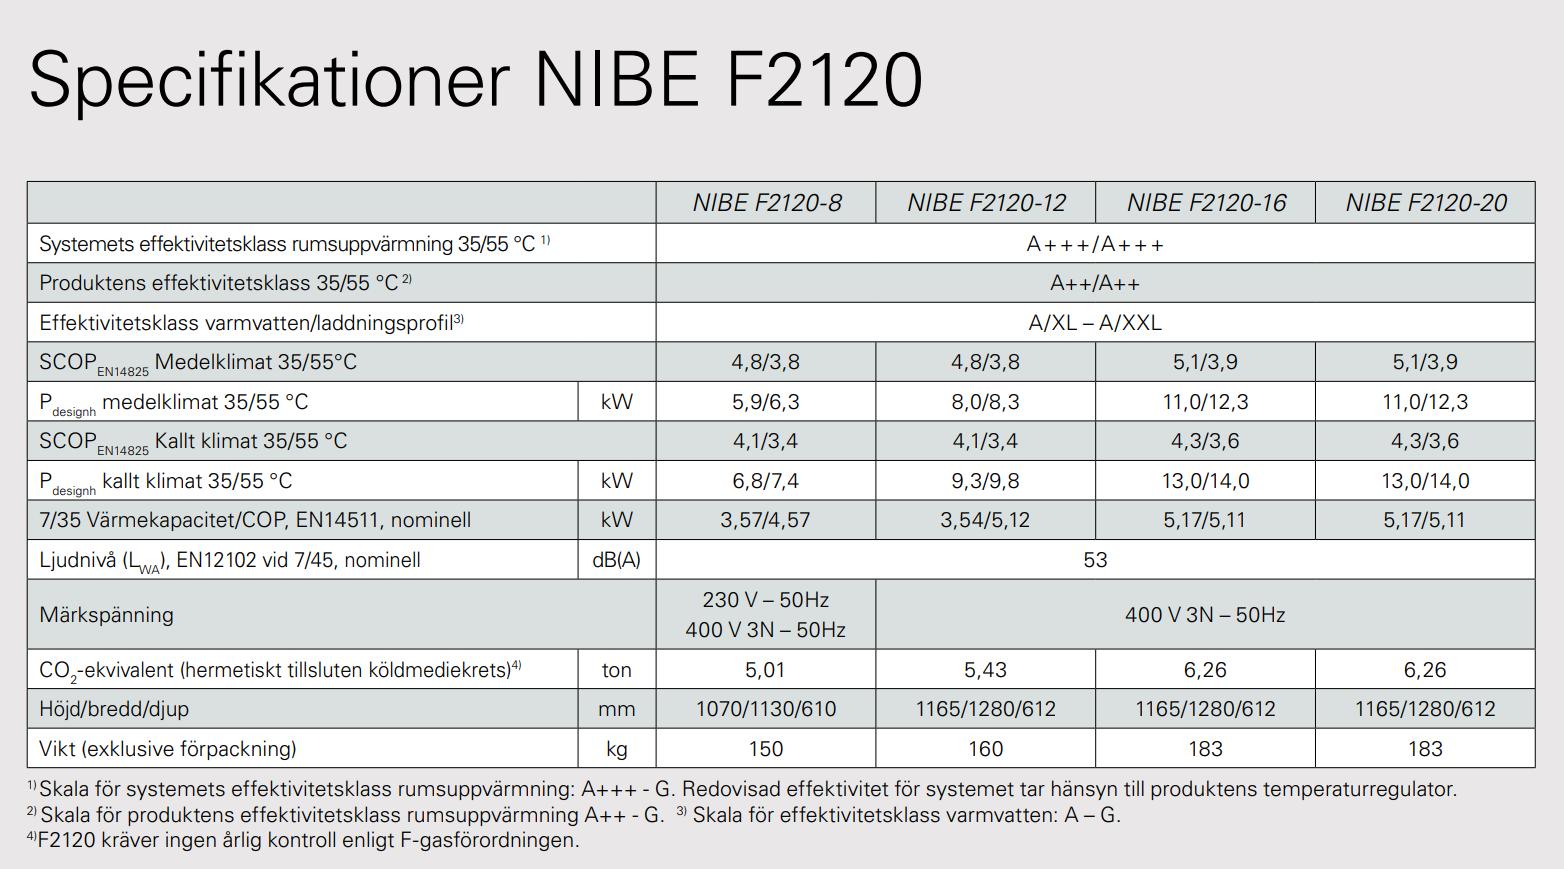 Specifikationer NIBE F2120 inkl VVM S325